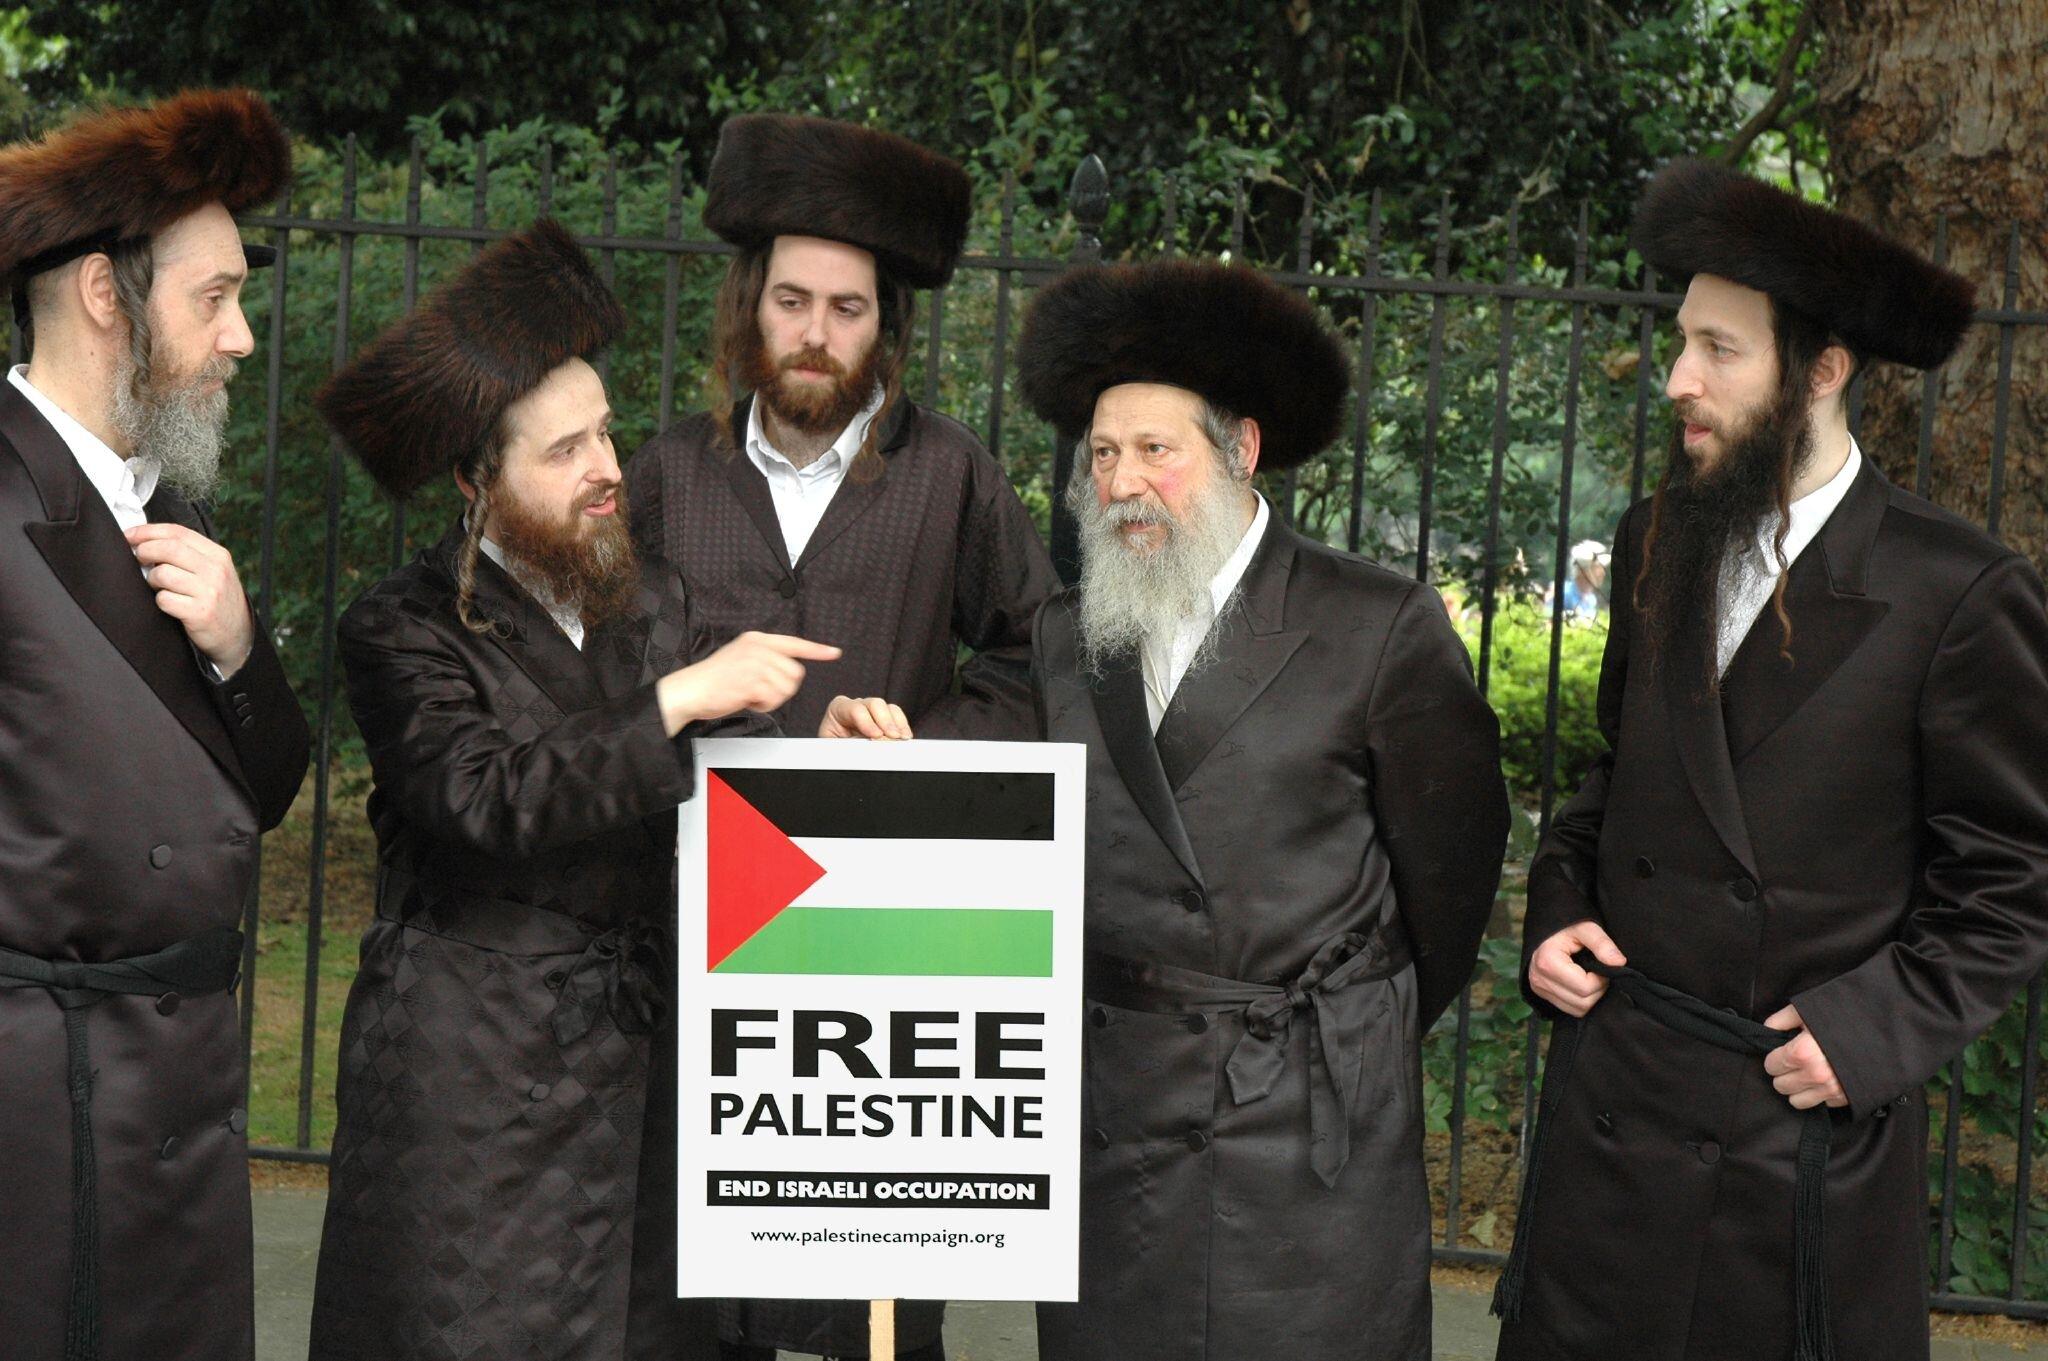 Members_of_Neturei_Karta_Orthodox_Jewish_group_protest_against_Israel.jpg